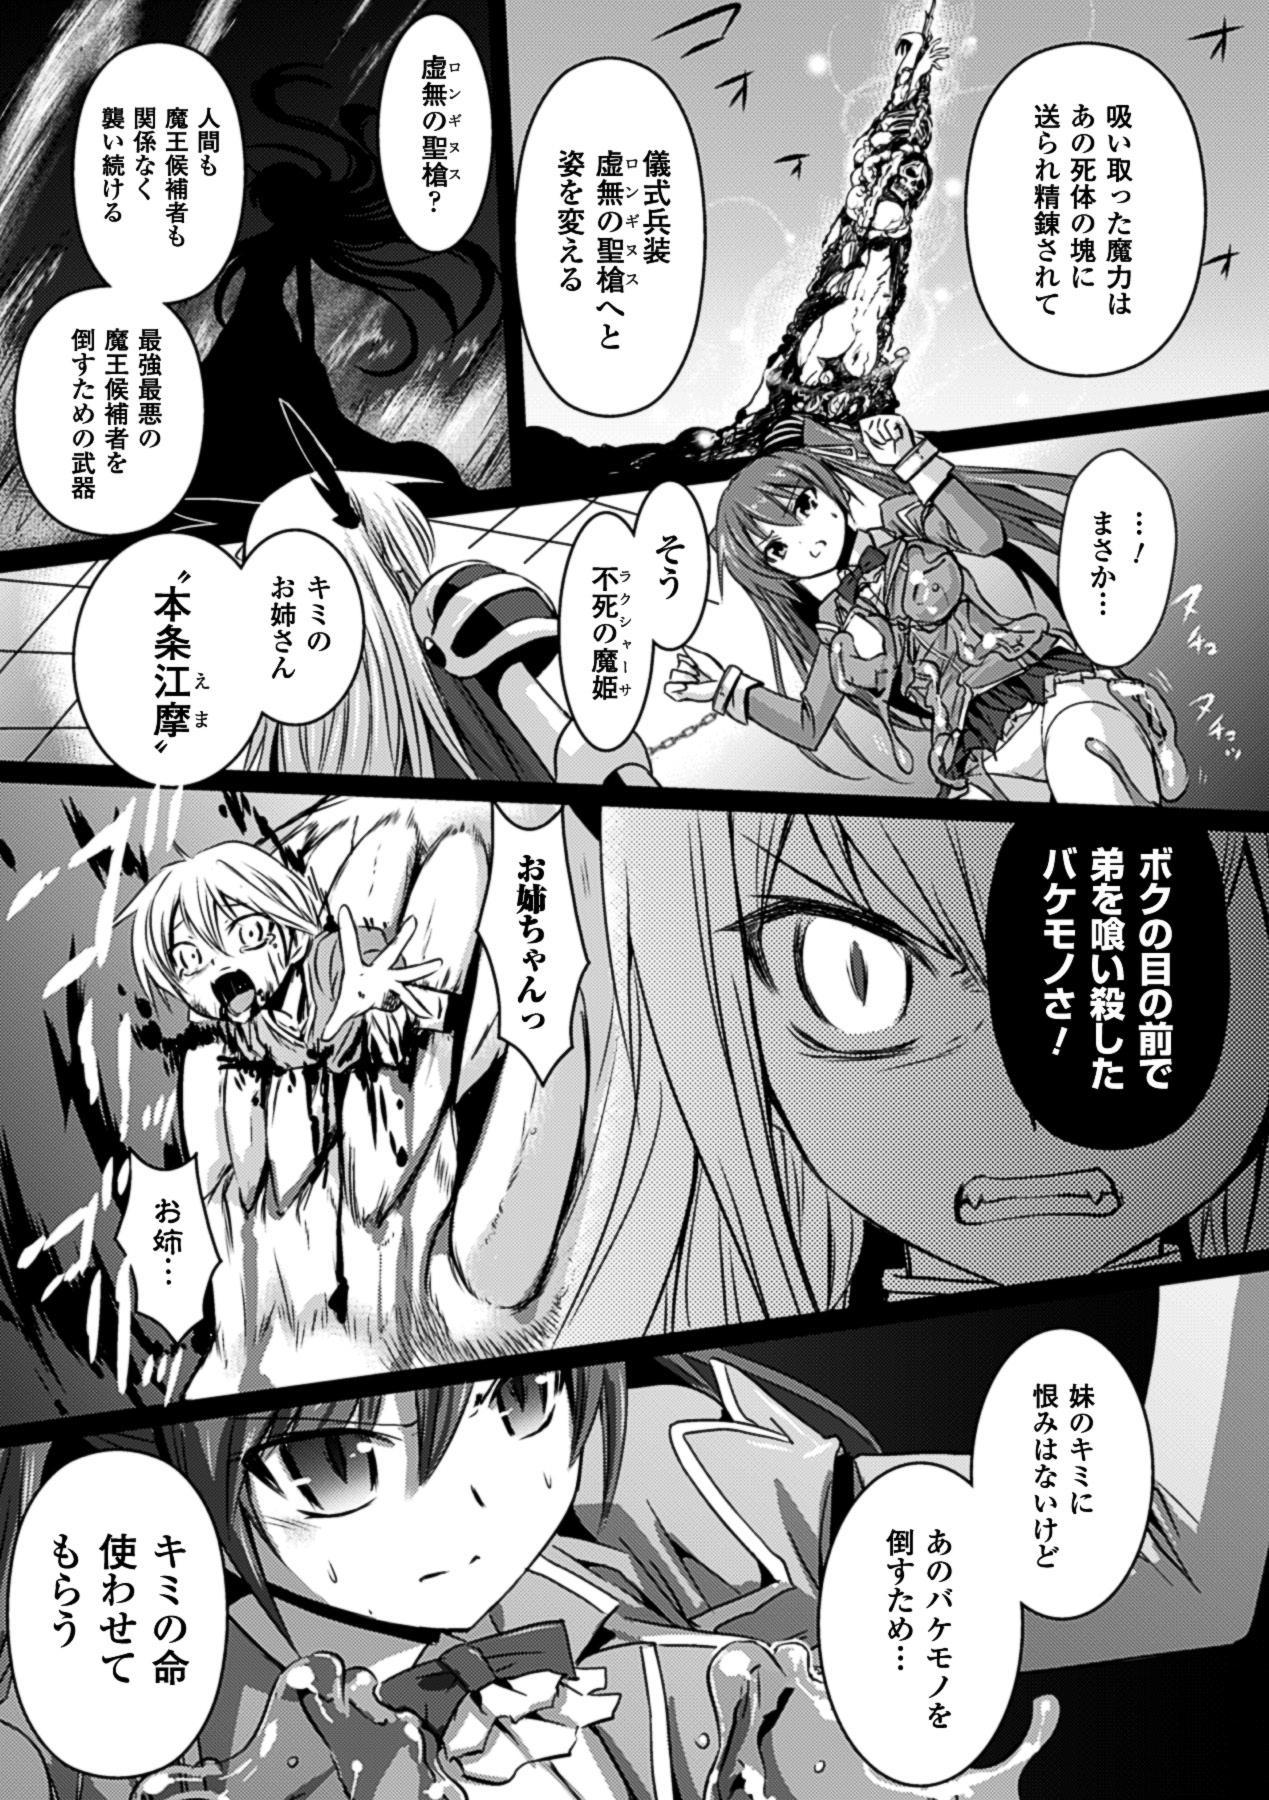 [Tokimaru Yoshihisa]Shakkou no Anti-Genesis Ch. 1-7 88